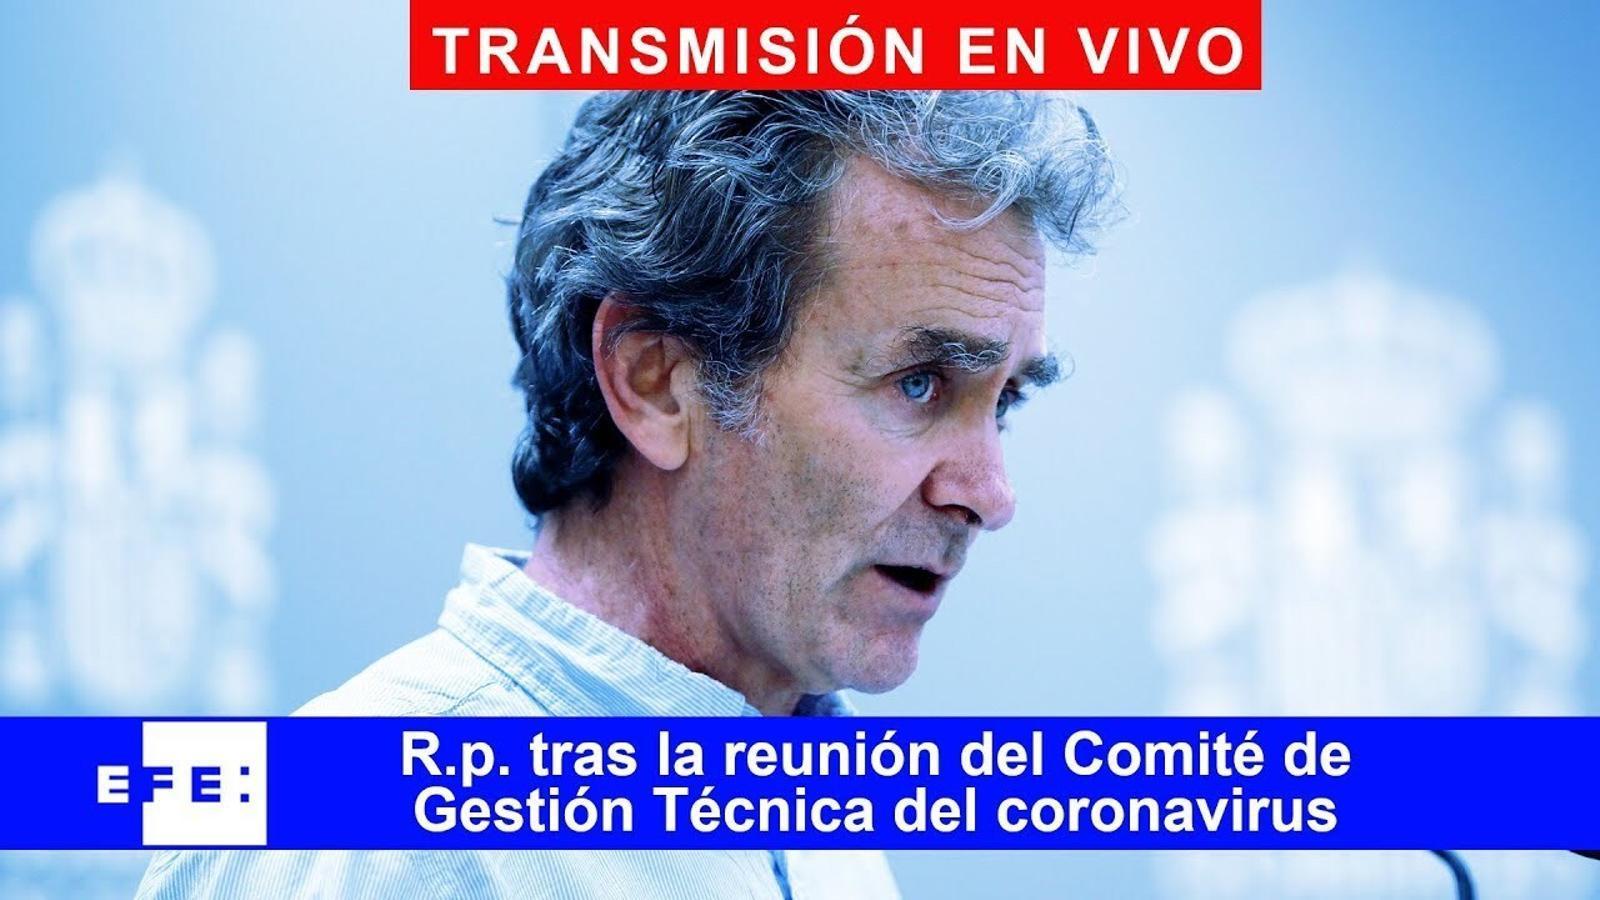 Roda de premsa posterior a la reunió del Comité de Gestió Tècnica del Coronavirus